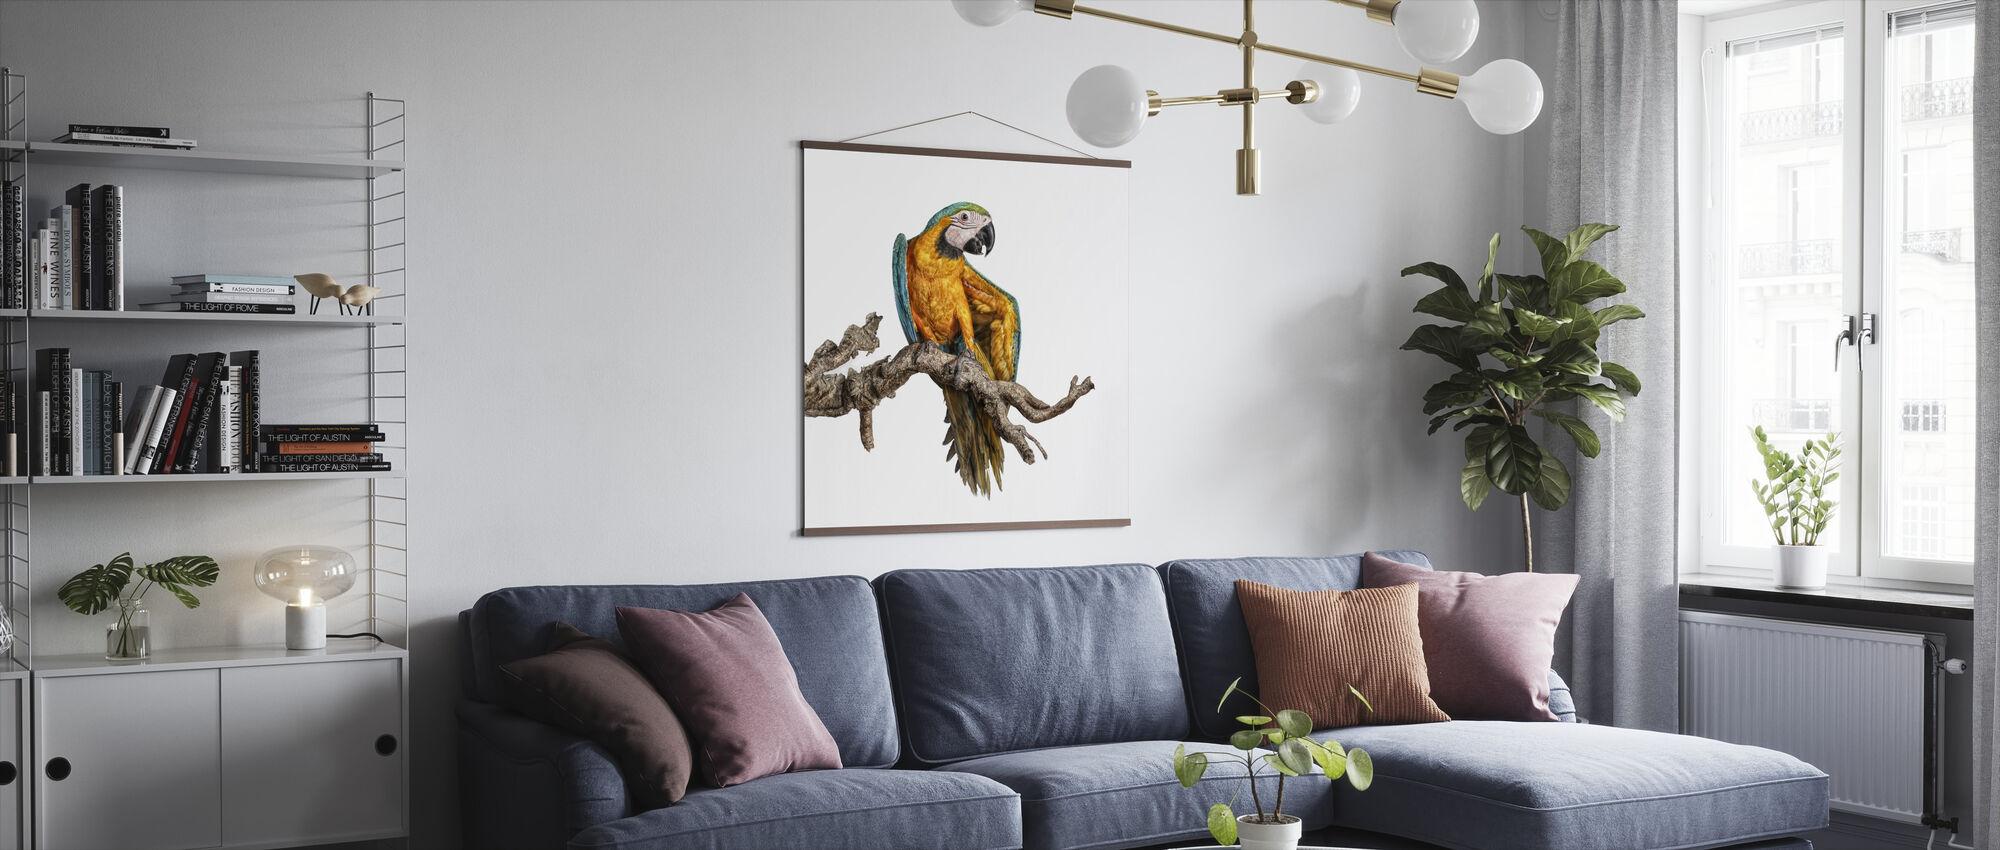 Tanzender Papagei - Poster - Wohnzimmer